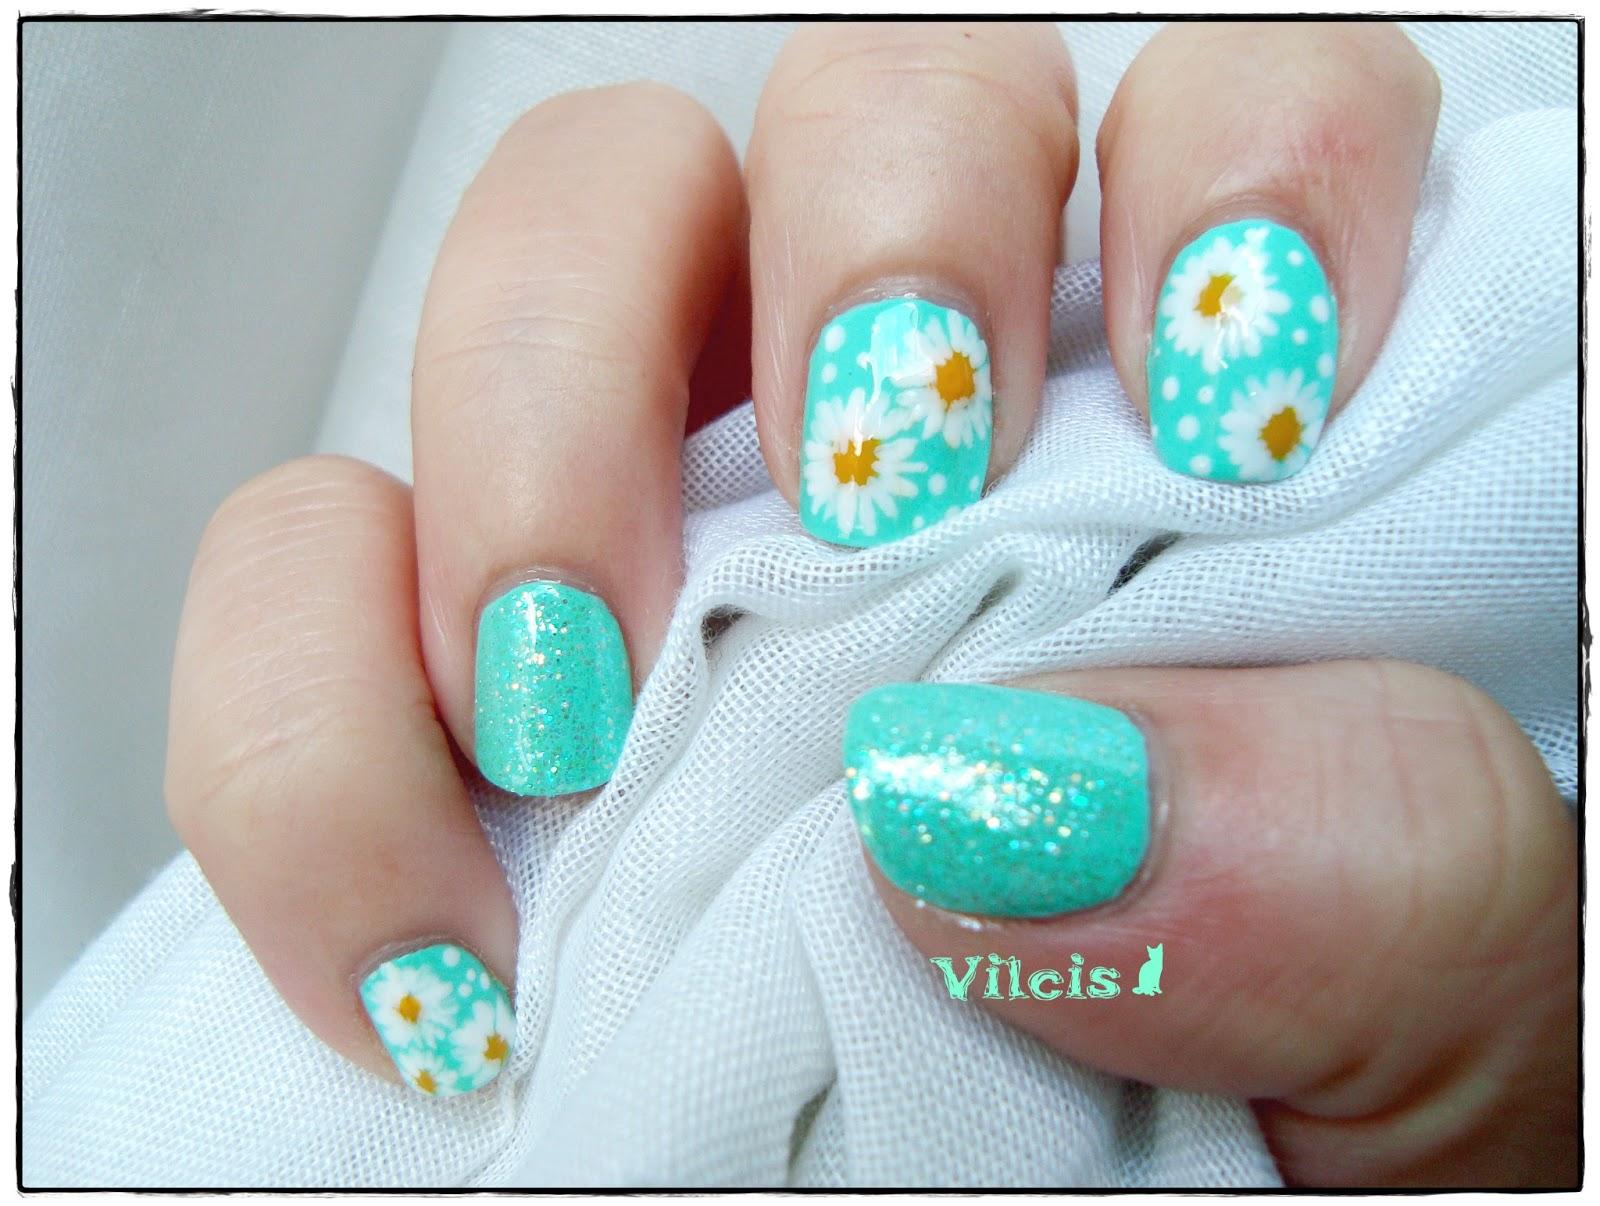 Vilcis nail designs: Bienvenida primavera - margaritas en las uñas